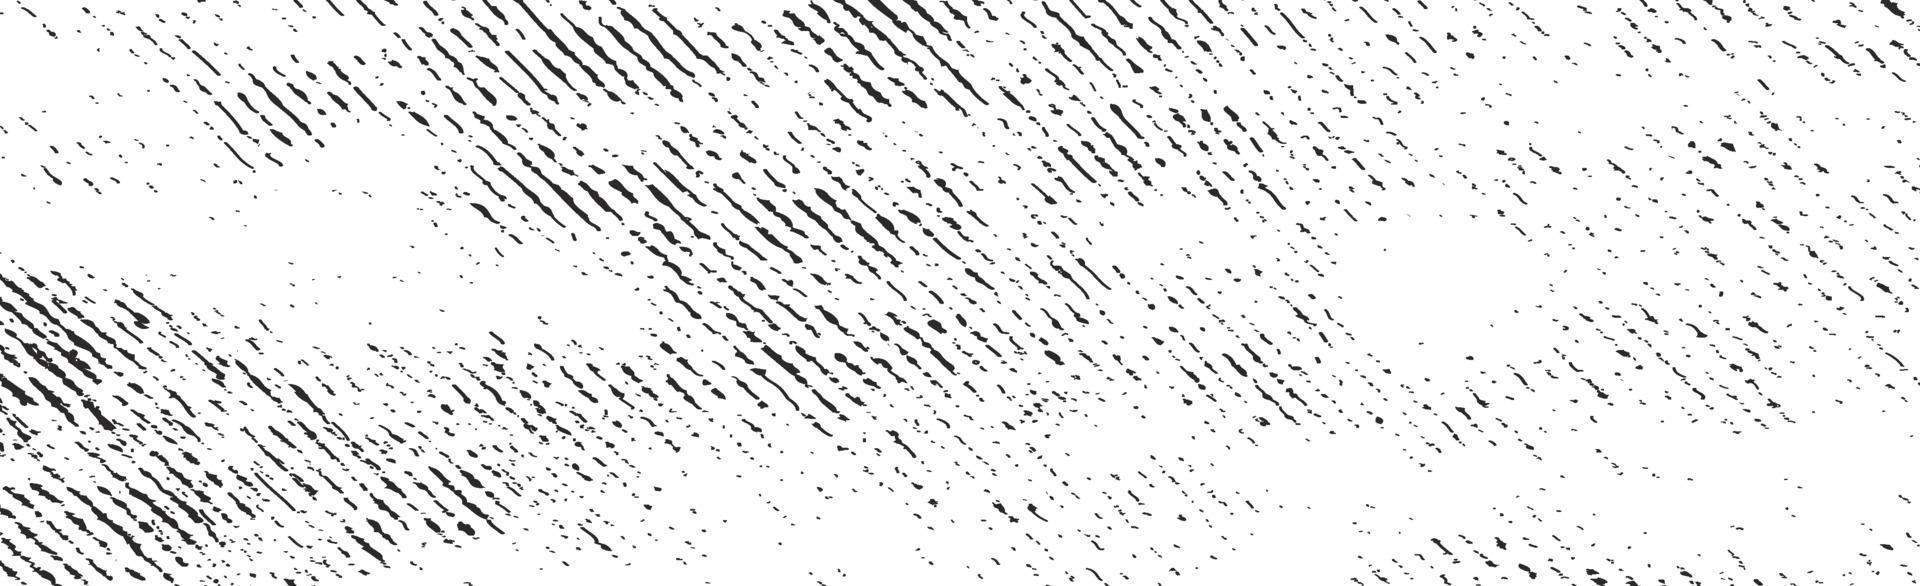 grunge linee nere e punti su uno sfondo bianco - illustrazione vettoriale